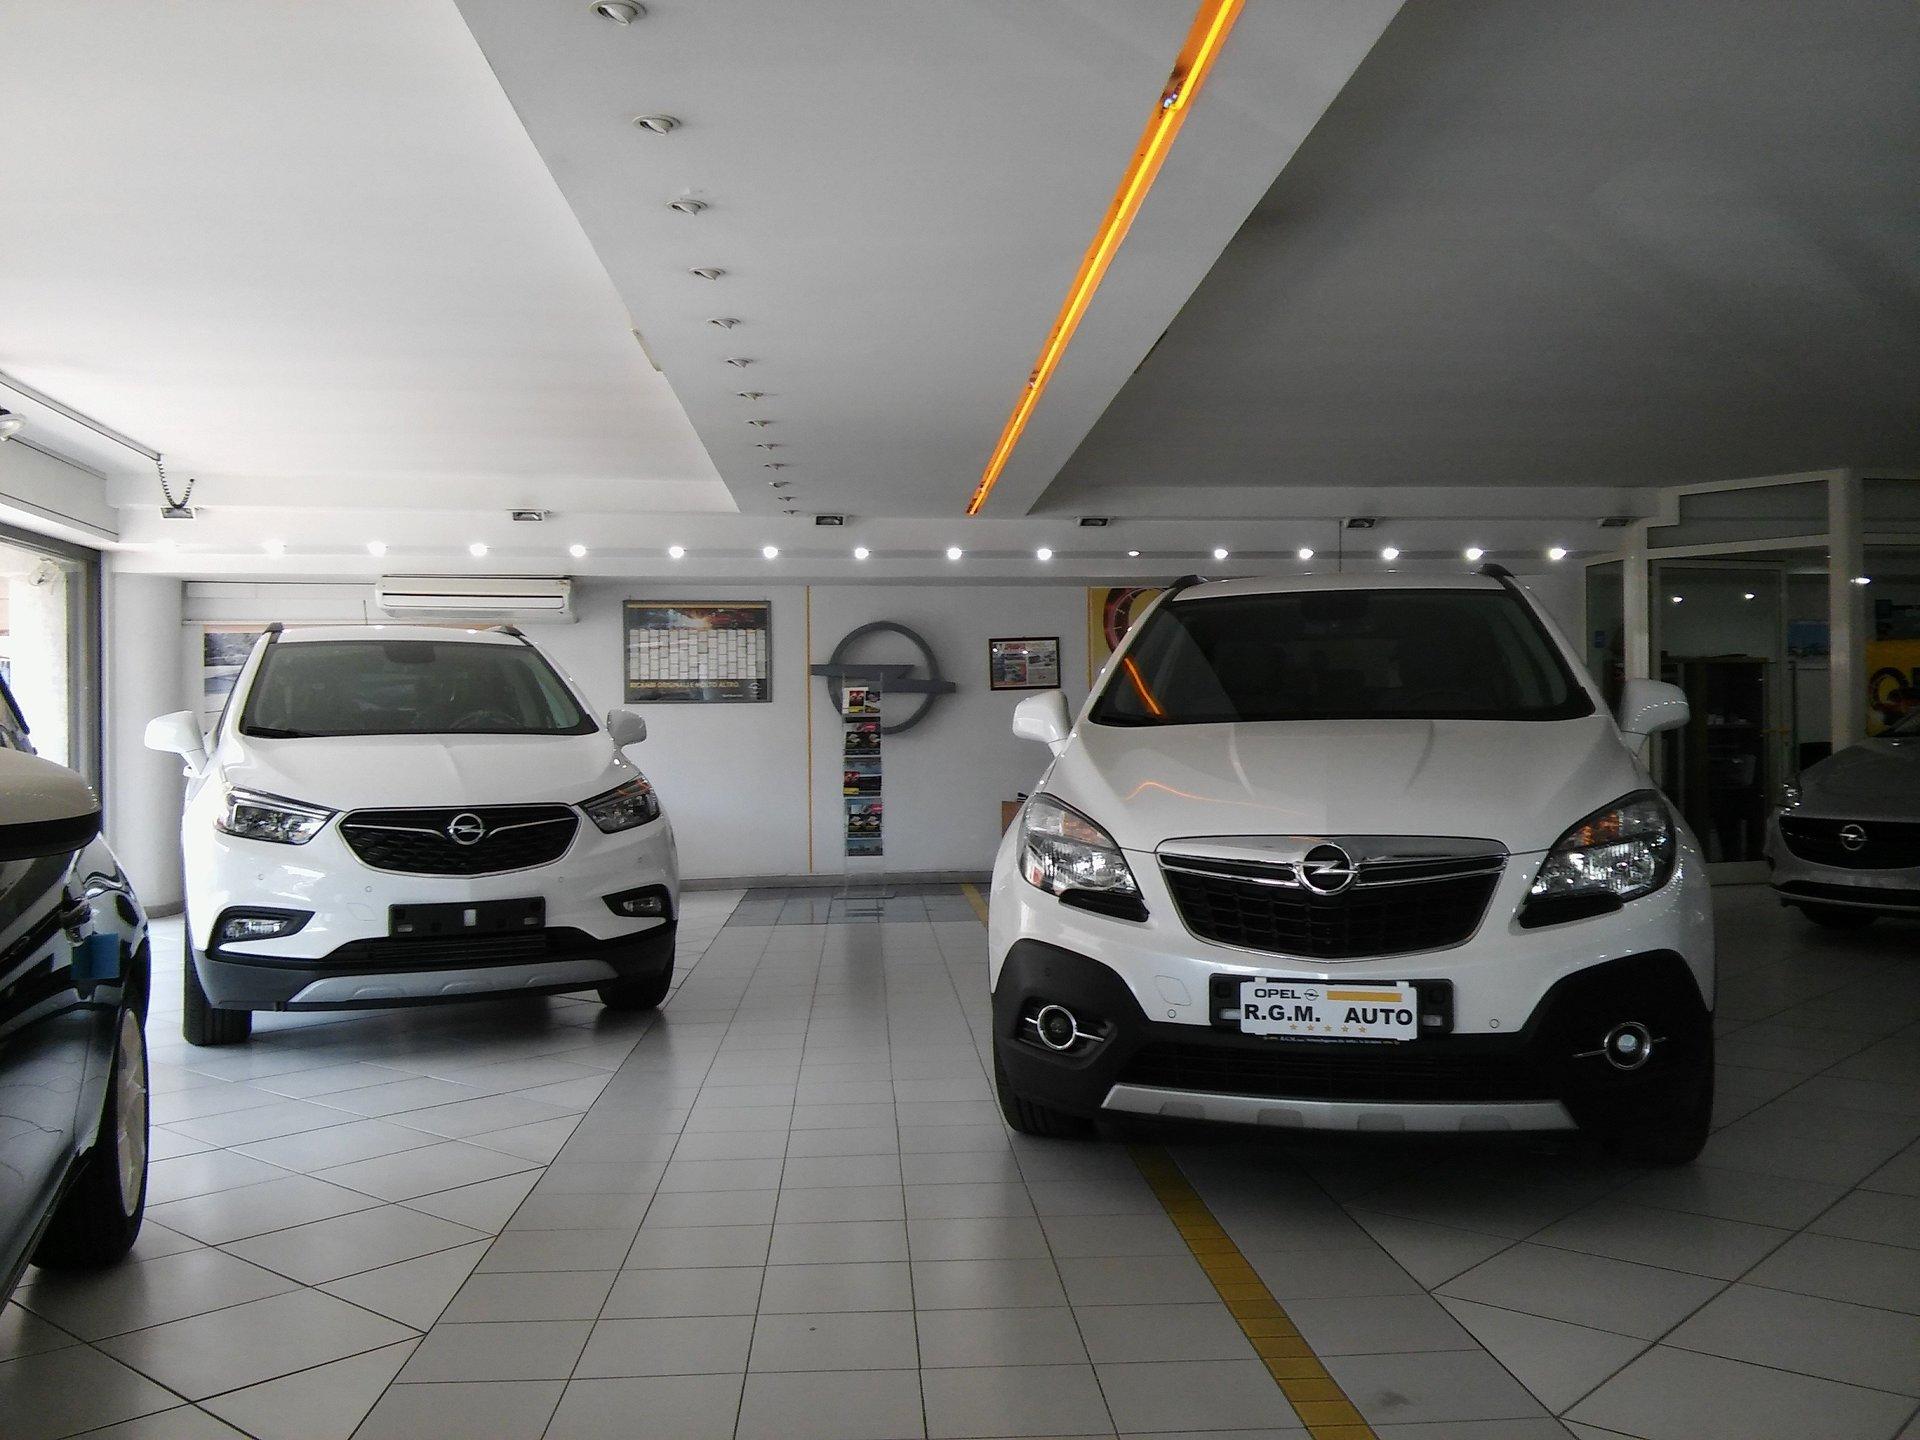 Usato Opel Napoli RGM Auto